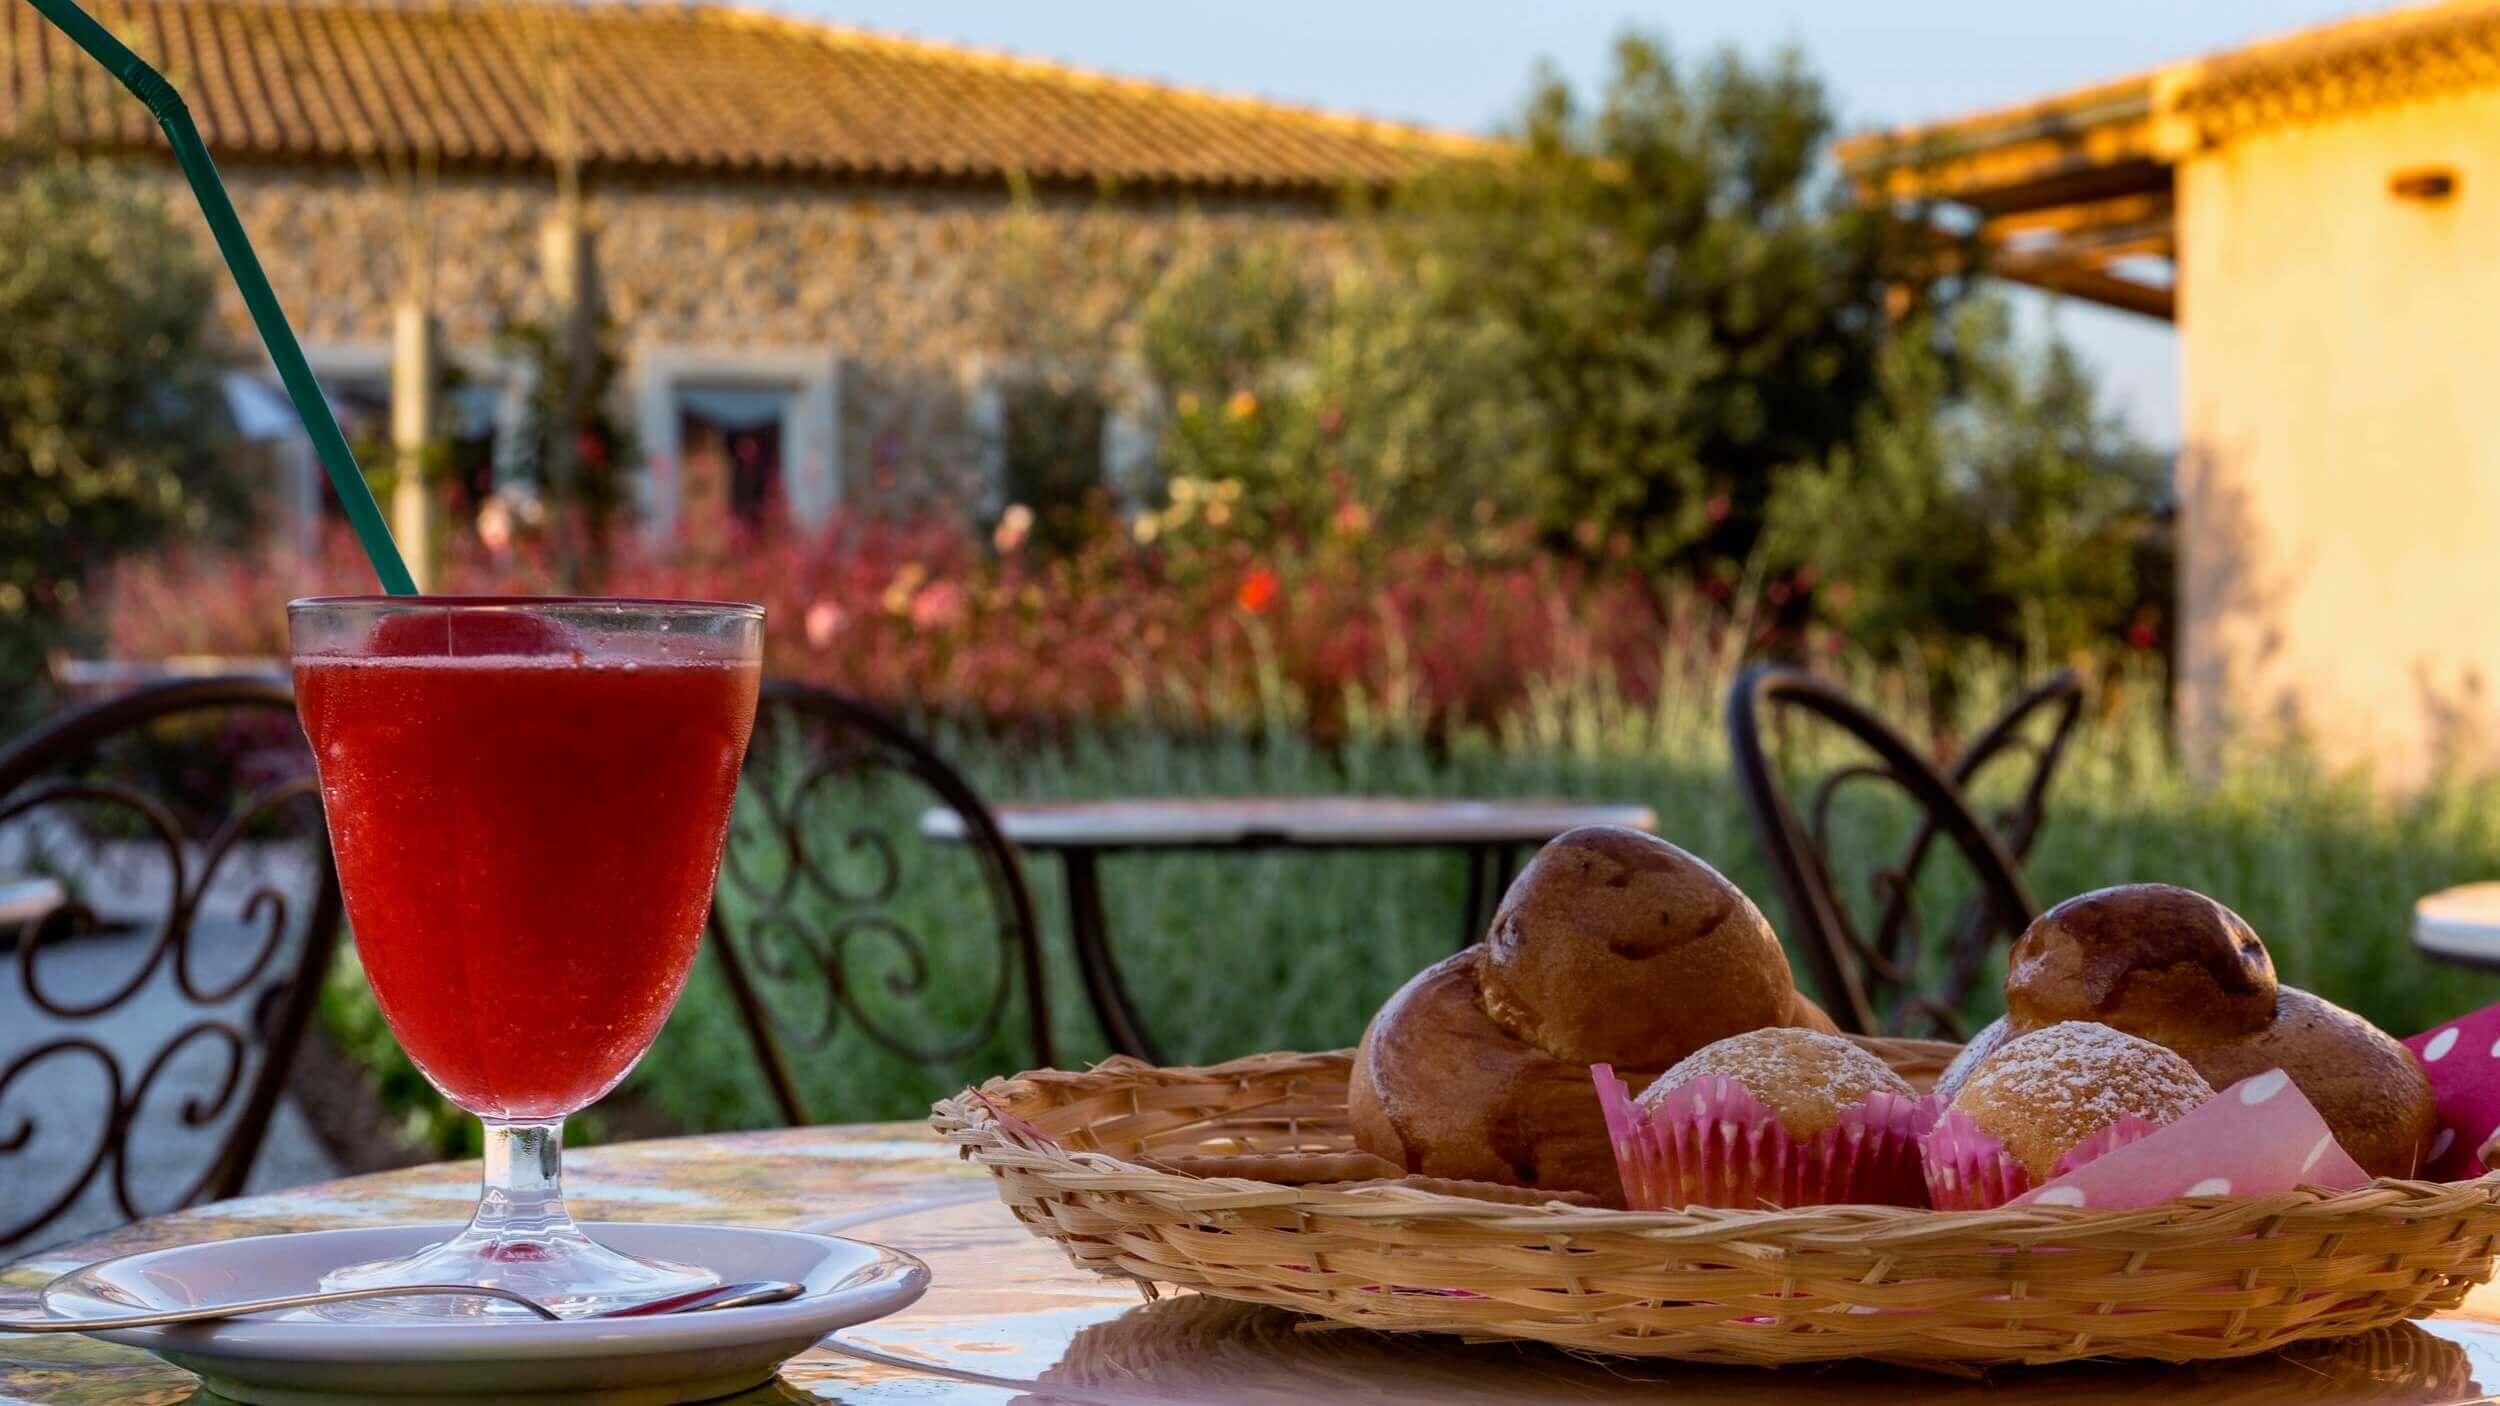 Granita fragola, colazione hotel casale milocca siracusa